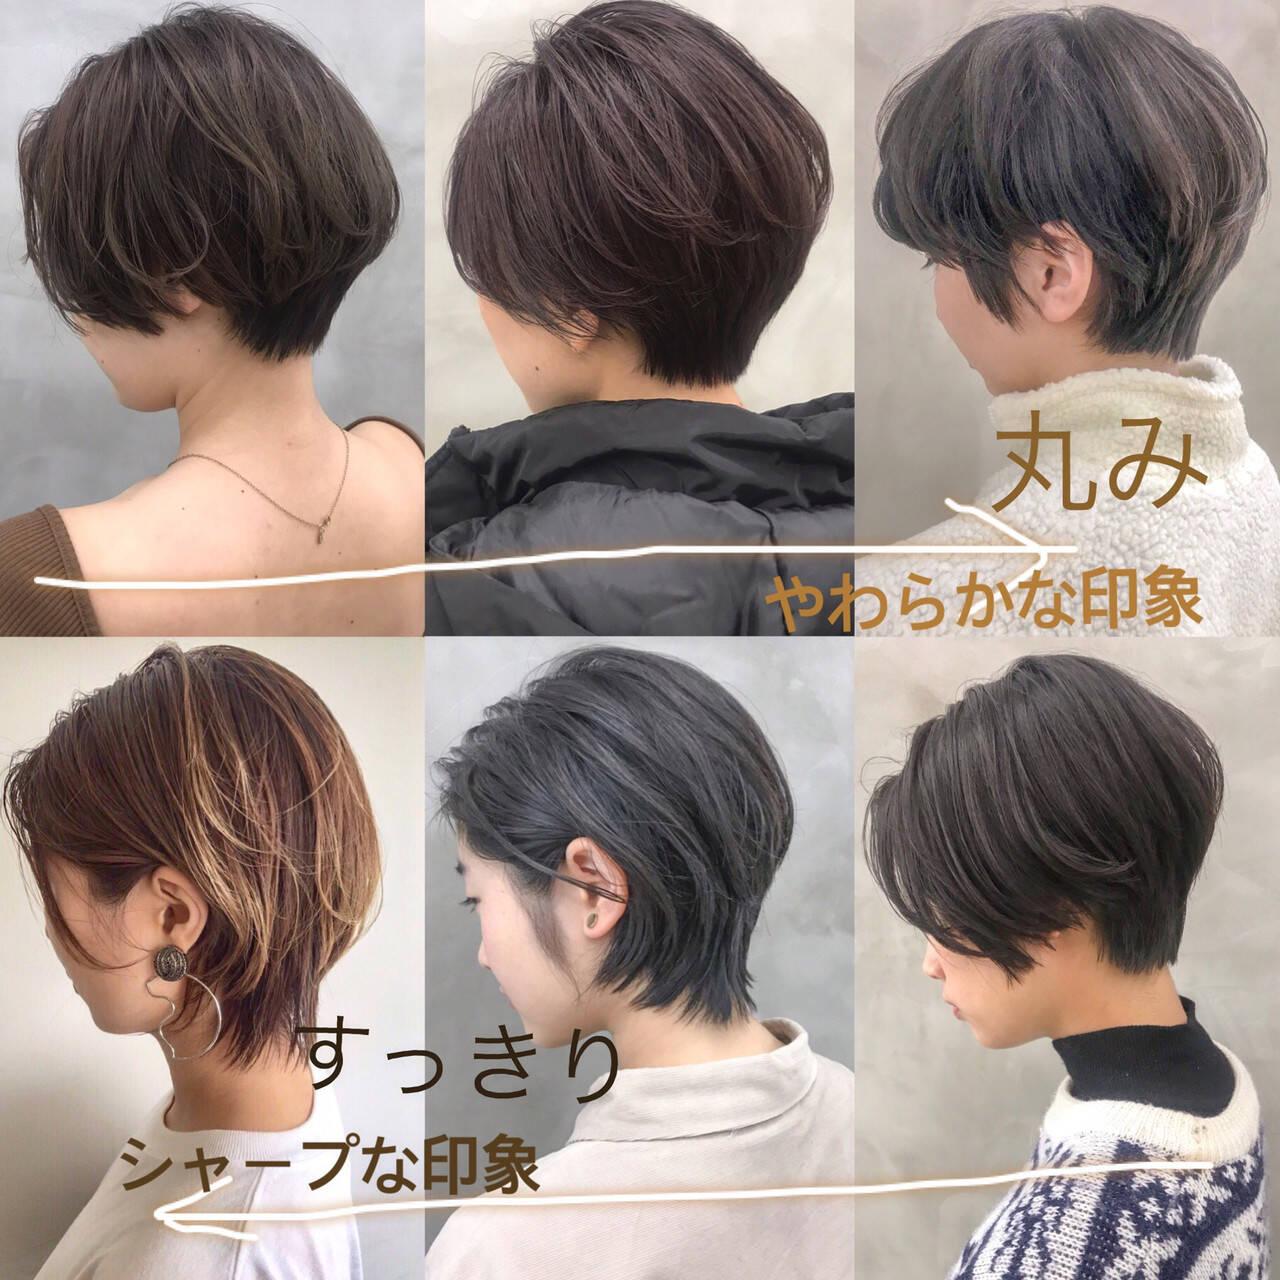 マッシュ マッシュショート ナチュラル ショートヘアスタイルや髪型の写真・画像